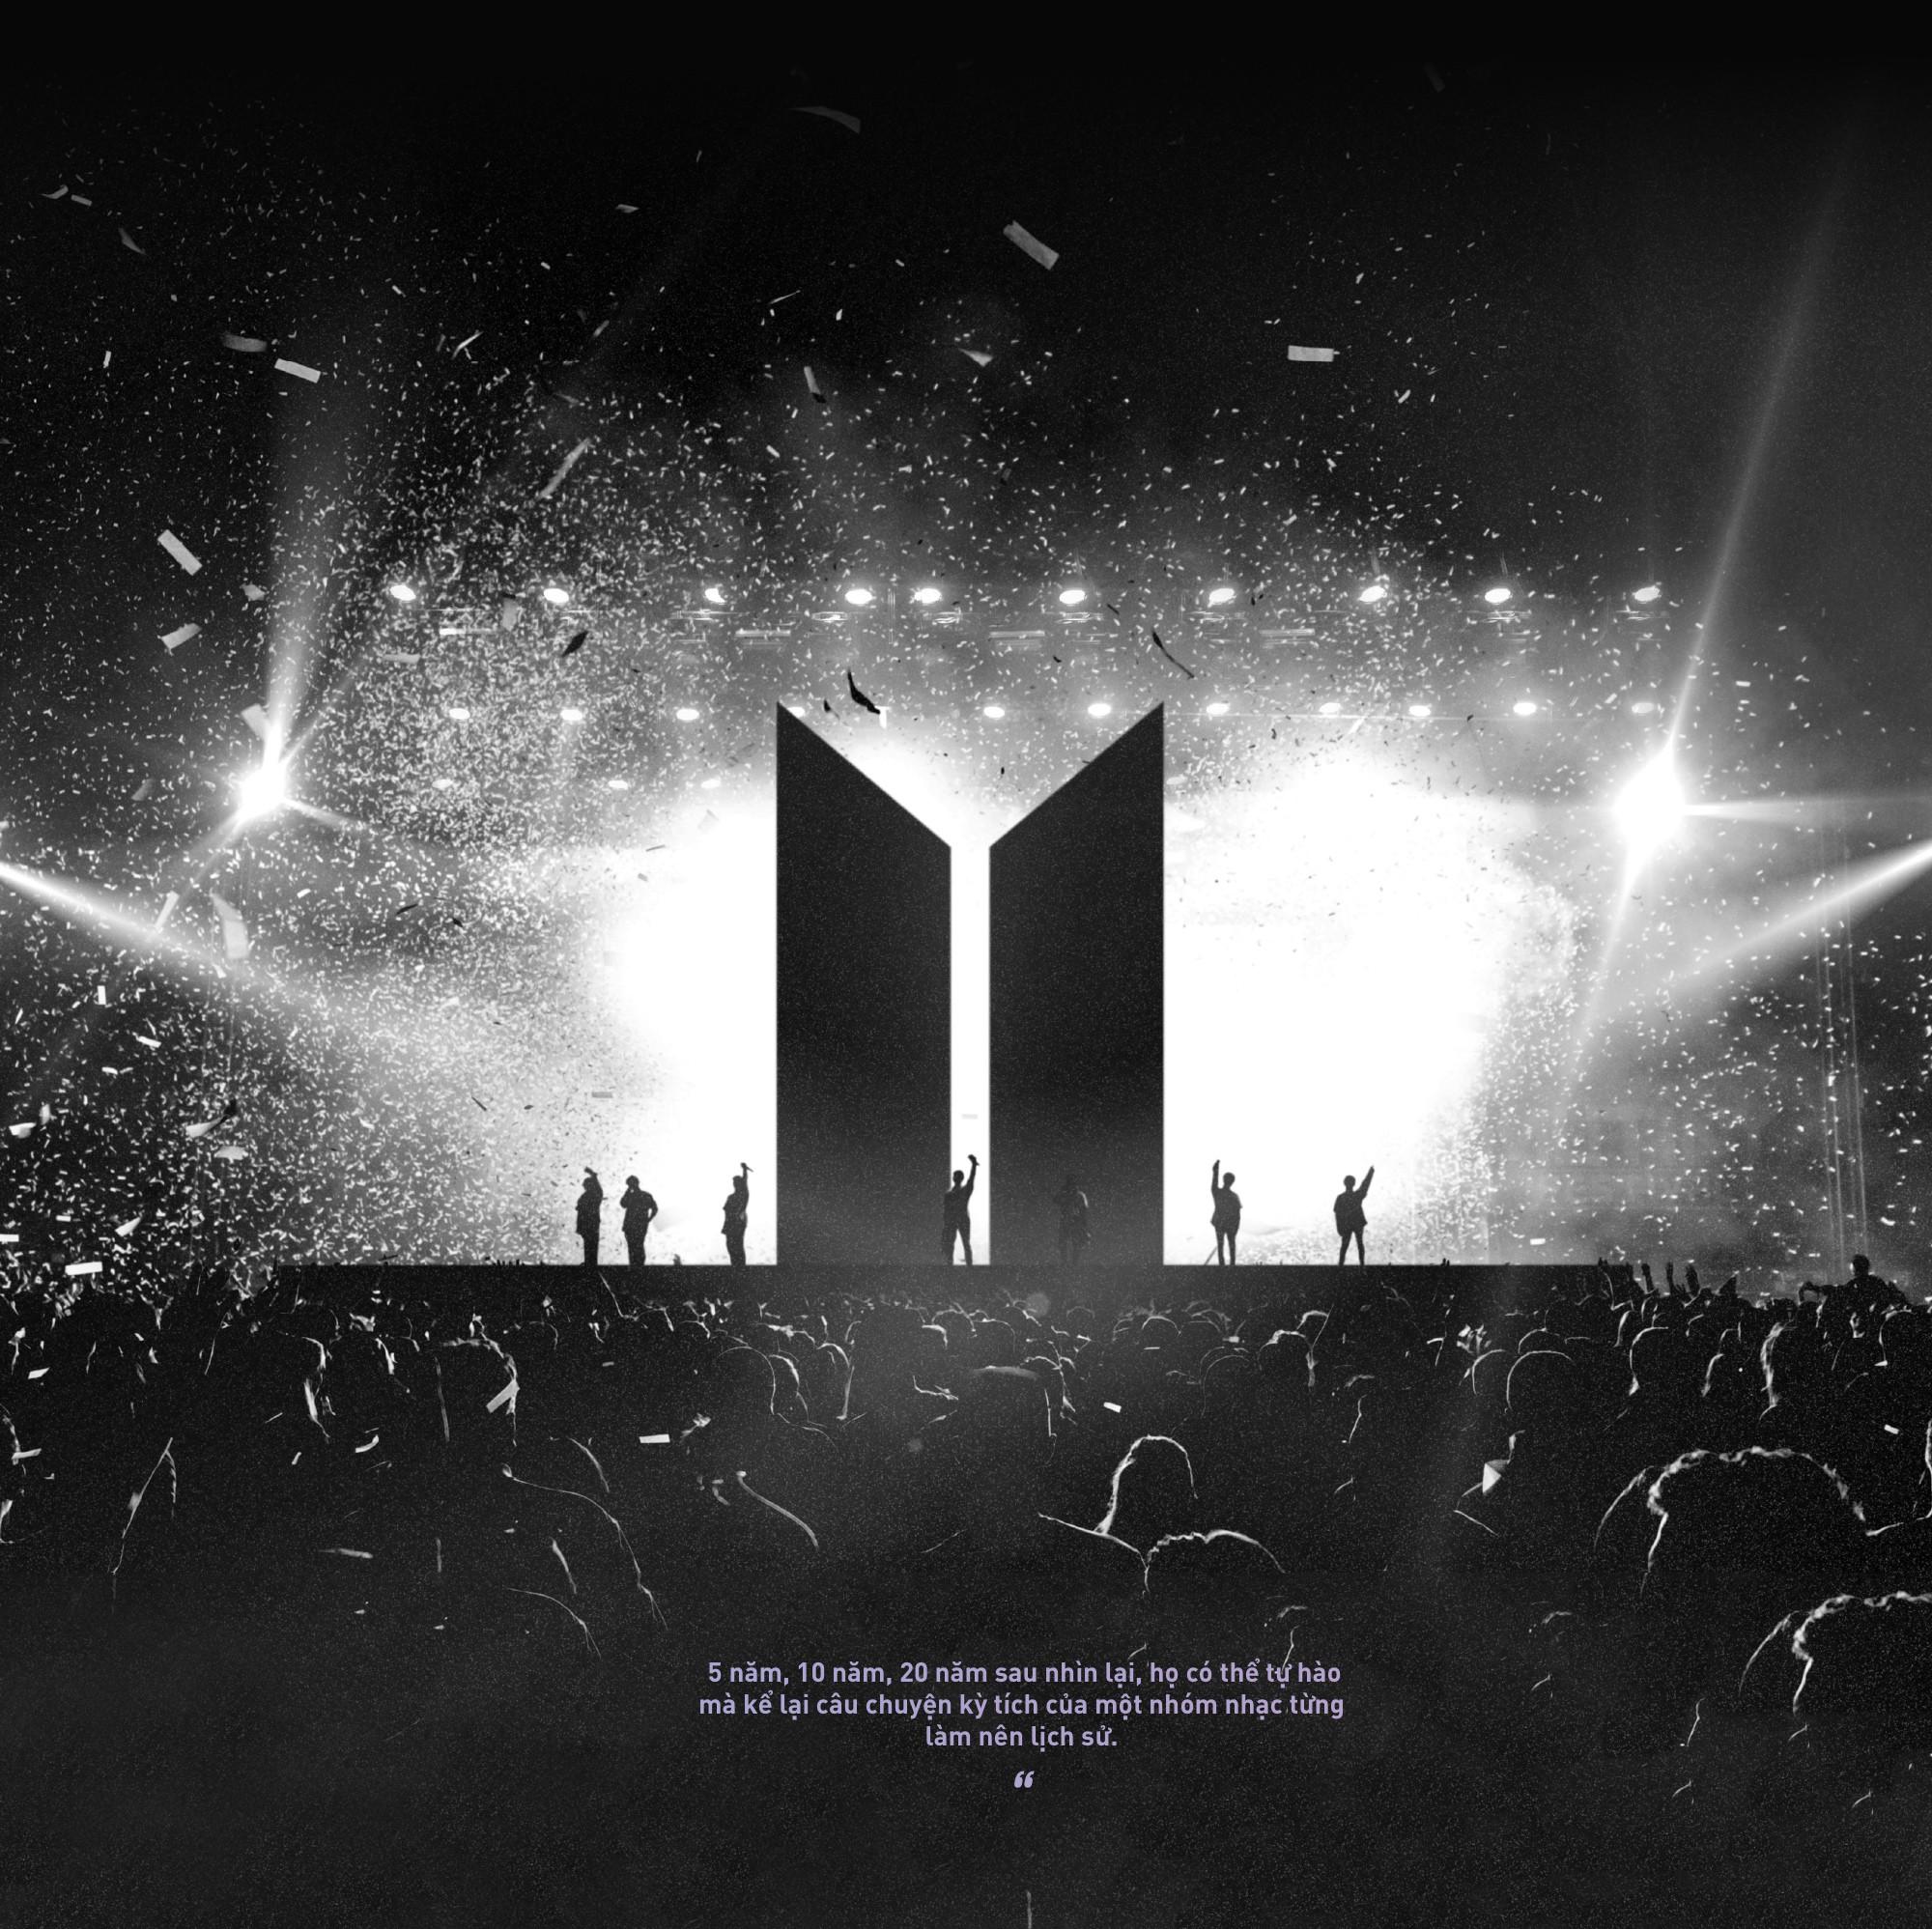 Kỳ tích mang tên BTS: 10 hay 20 năm sau, họ có thể tự hào mà kể lại câu chuyện về một nhóm nhạc làm nên lịch sử - Ảnh 9.